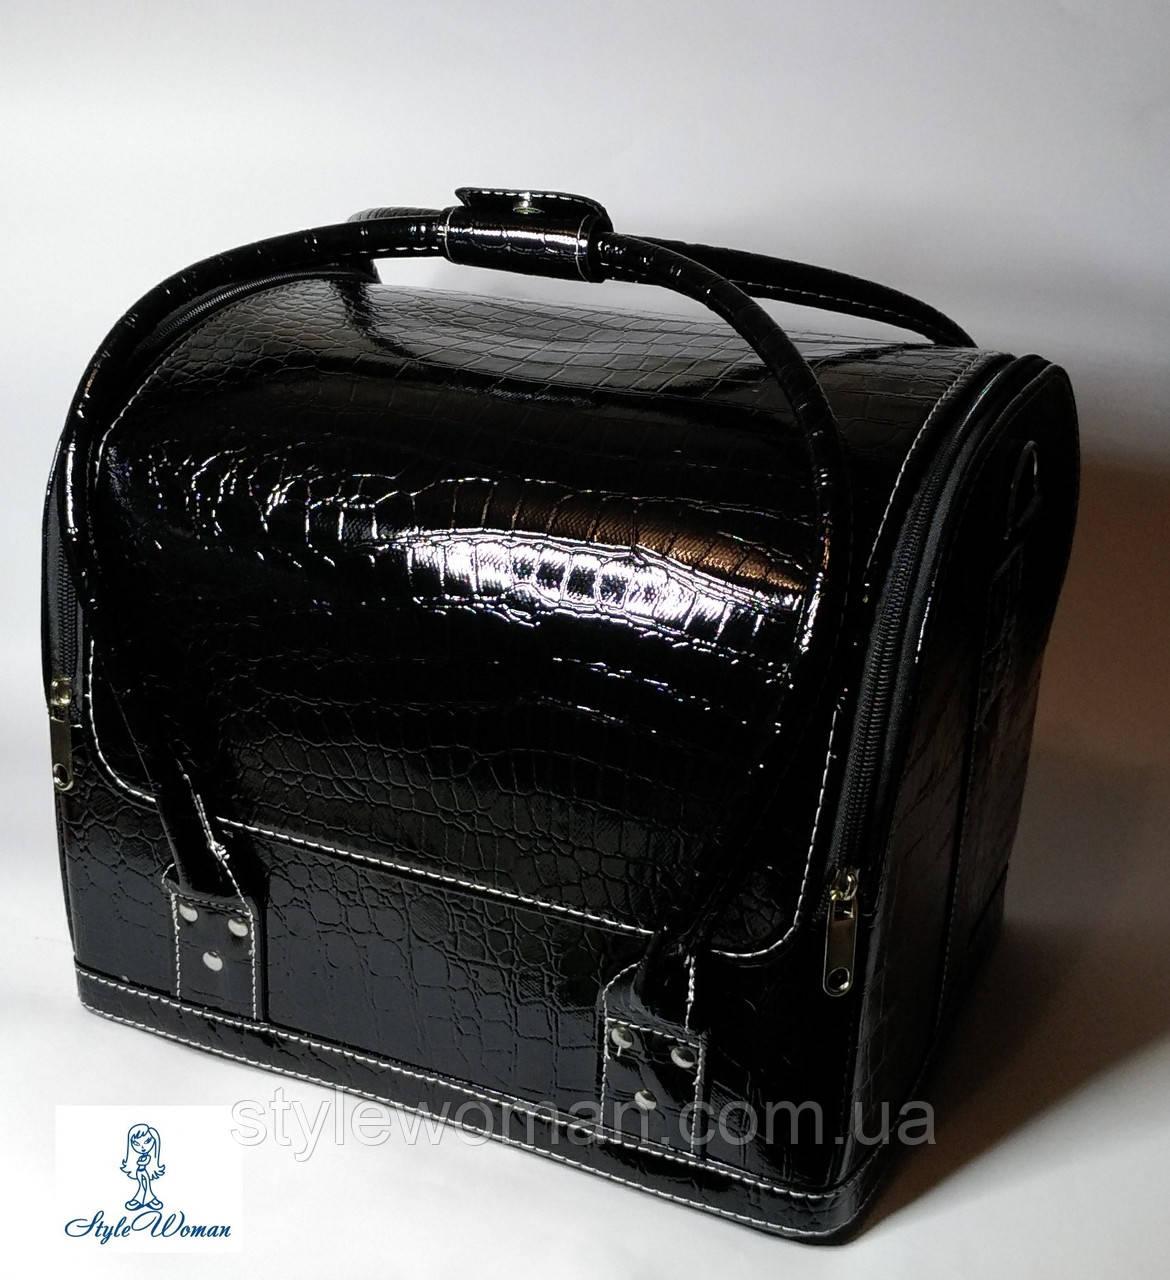 Бьюти кейс чемодан для мастера салонов красоты из кожзама на змейке черный кроко с пластик полками